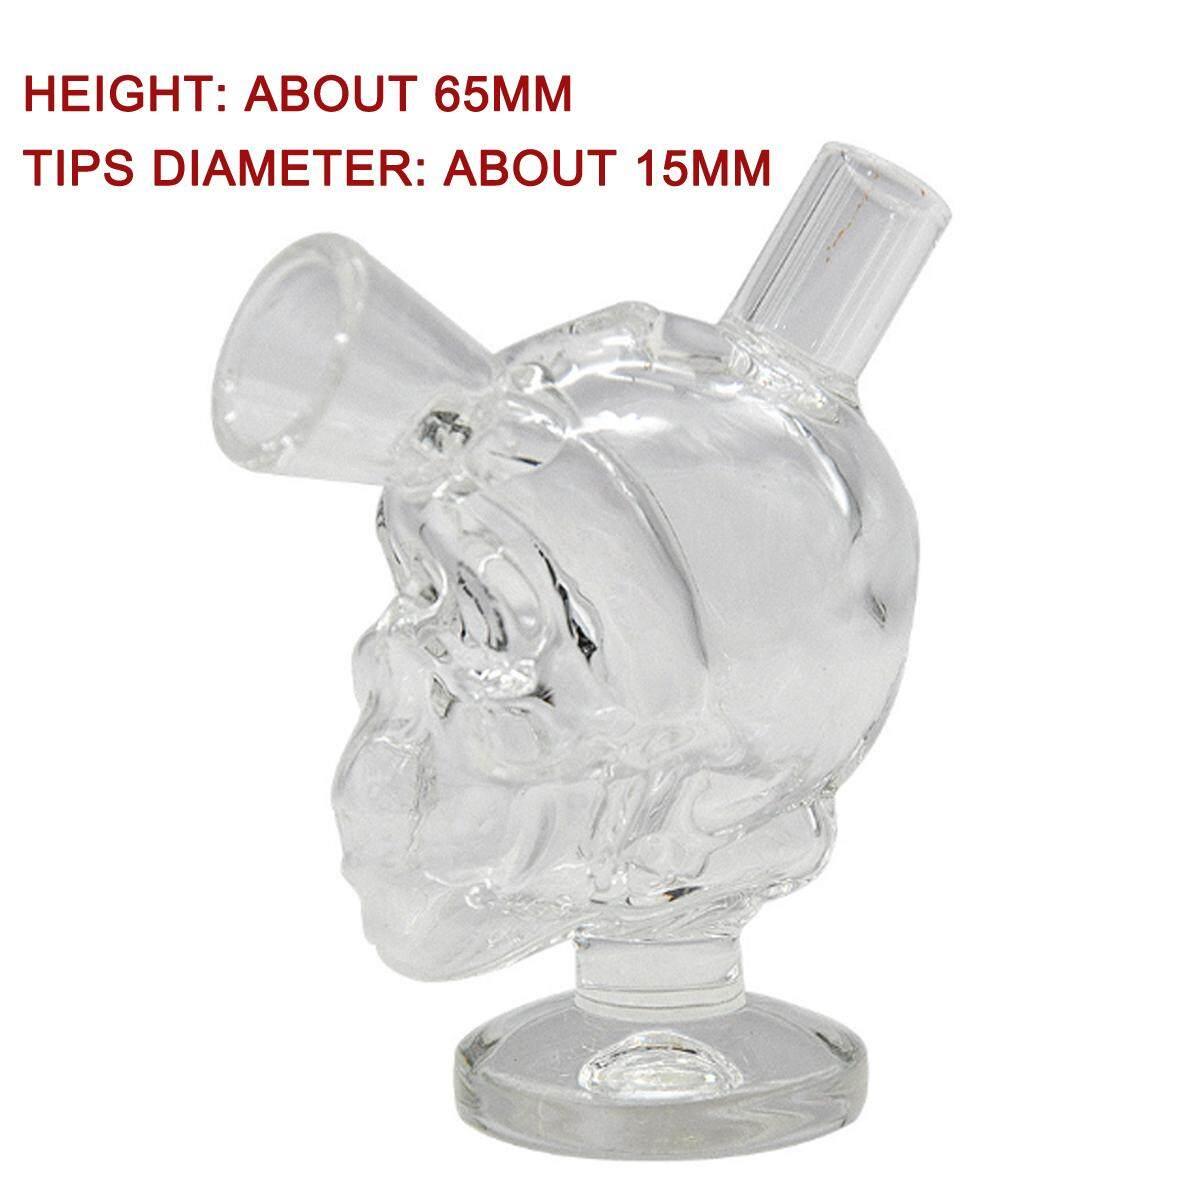 Fitur Bong Shisa Shisha Mini Paket Lengkap Bongarangrasa Dan Sariayu Outdoor Detail Gambar Smoking Glass Water Pipe New Beaker Bubbler Hookah Skull Terbaru